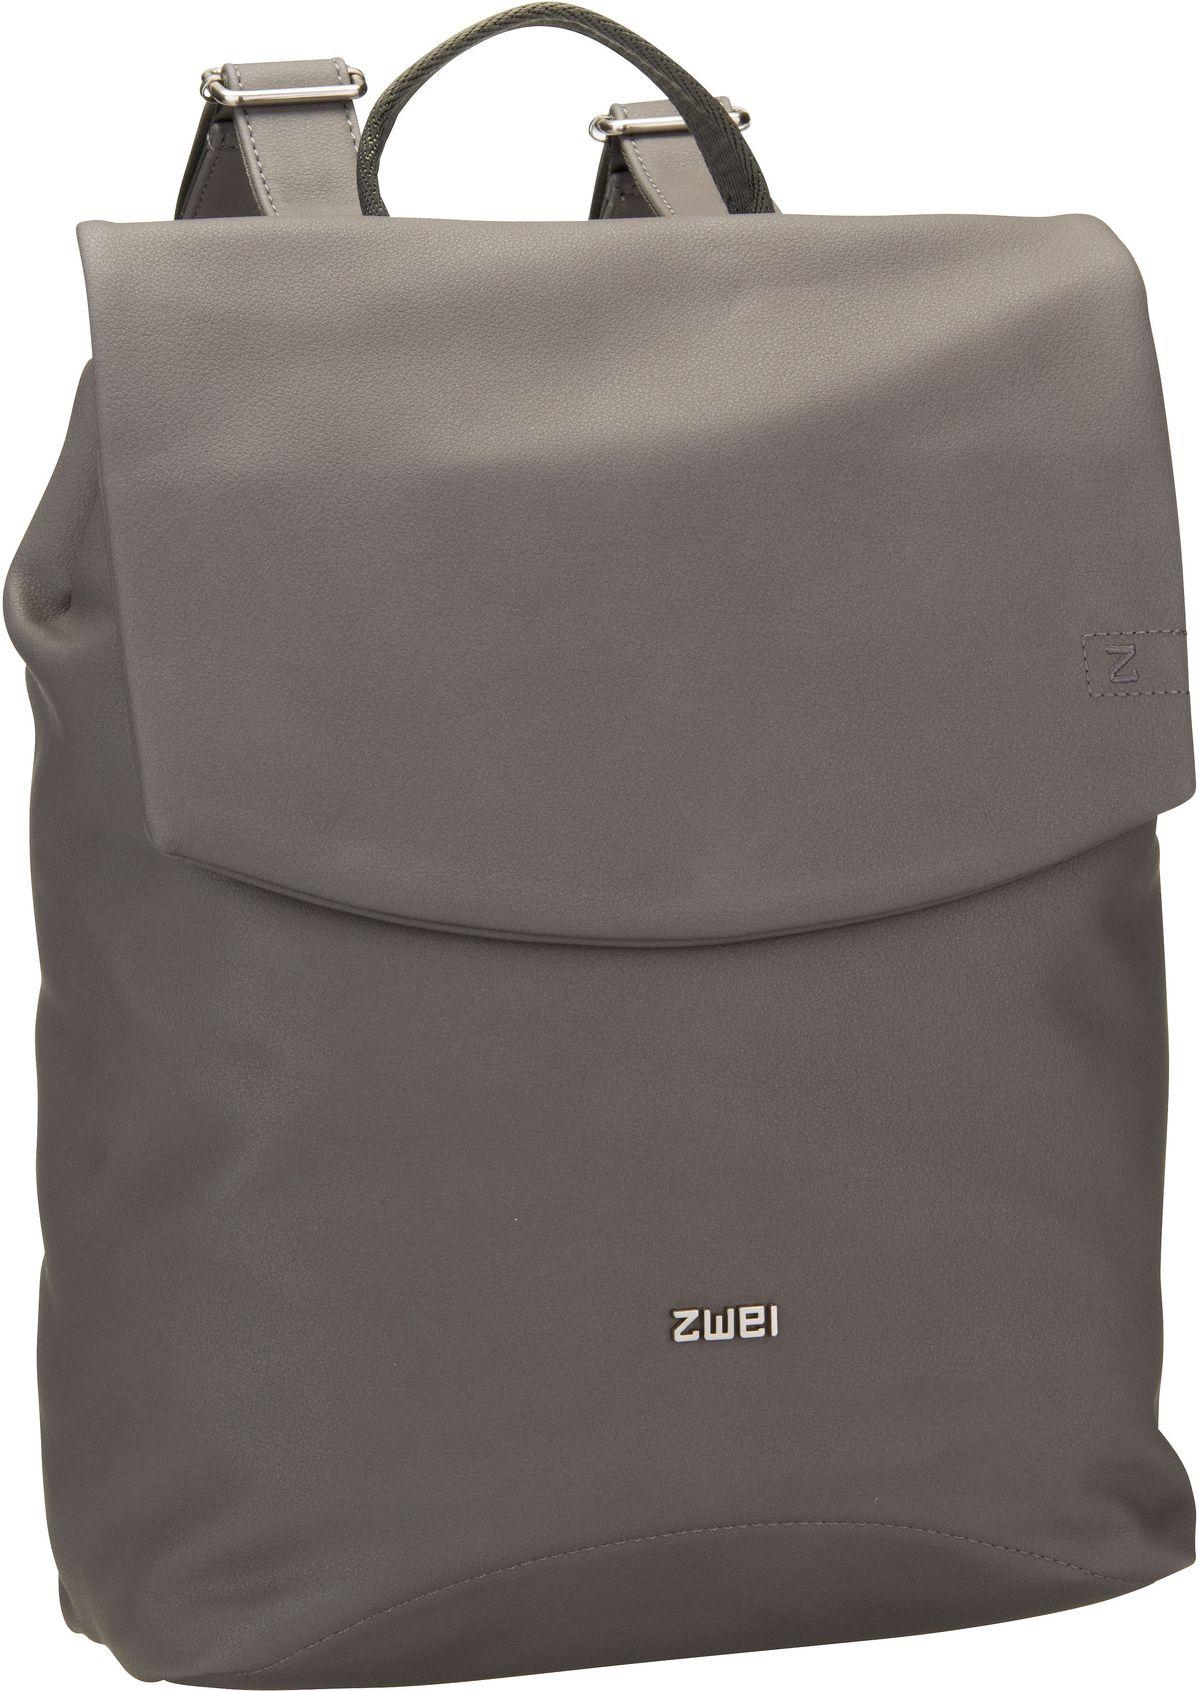 Rucksack / Daypack Elli ELR13 Grey (8 Liter)